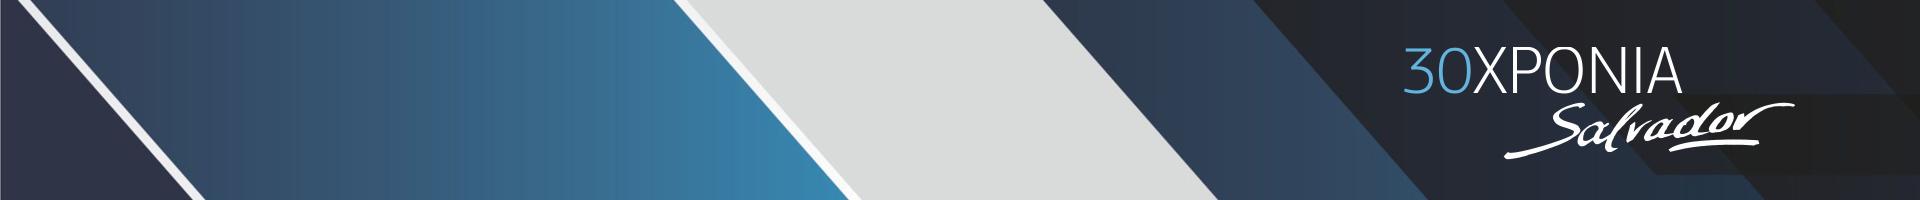 salvador-grafikes-texnes